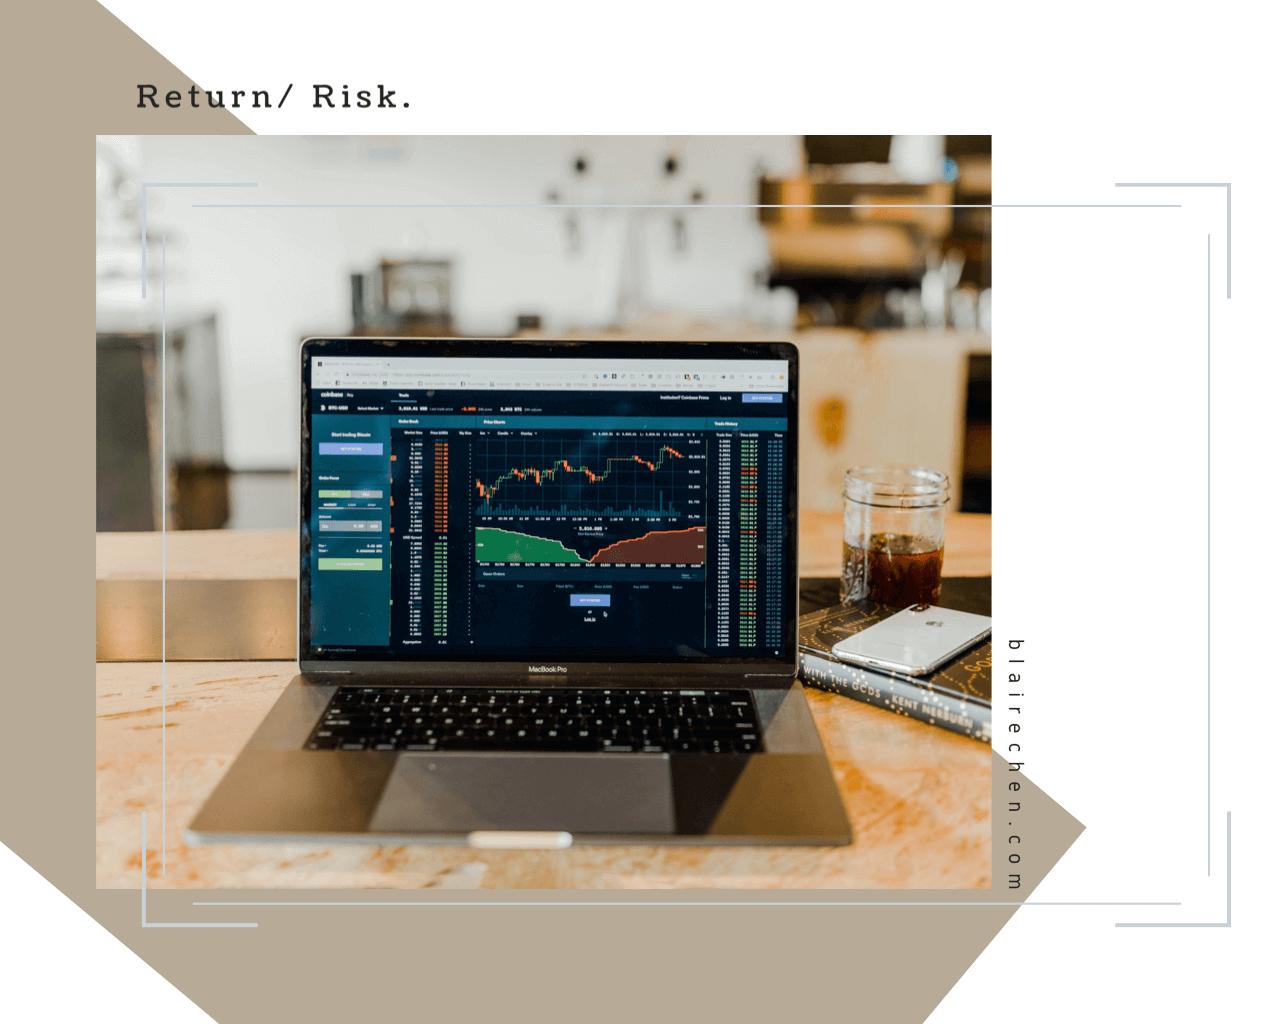 想賺錢、就一定要承擔高風險嗎?先來搞懂投資報酬和風險間的關係吧!